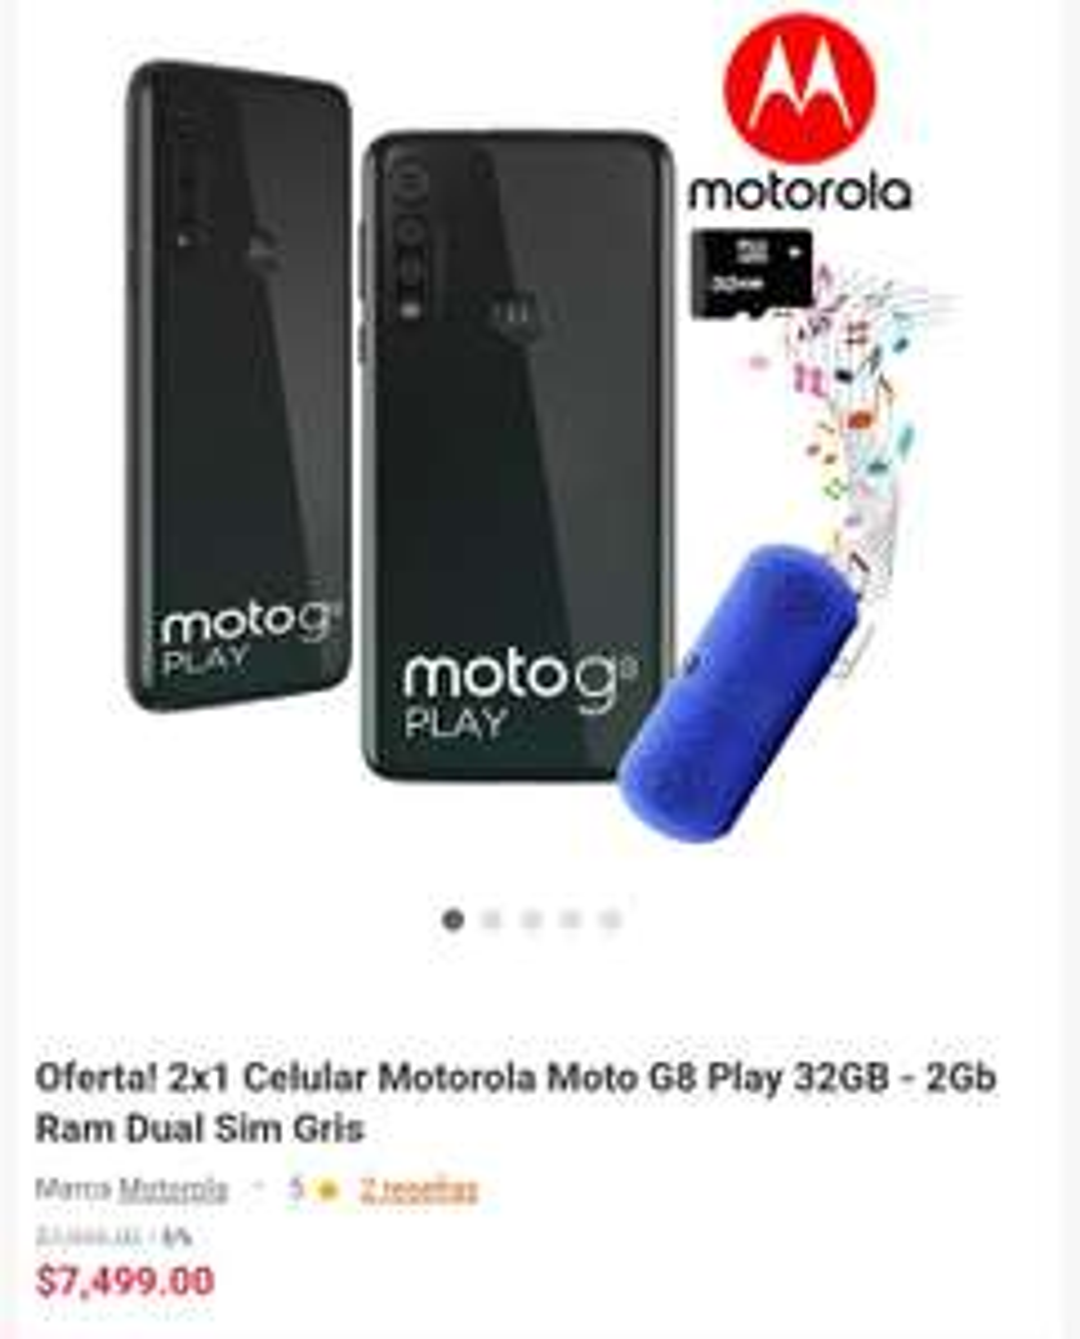 Linio: 2x1 Celulares Motorola Moto G8 Play+ 1 bocina y 1 memoria